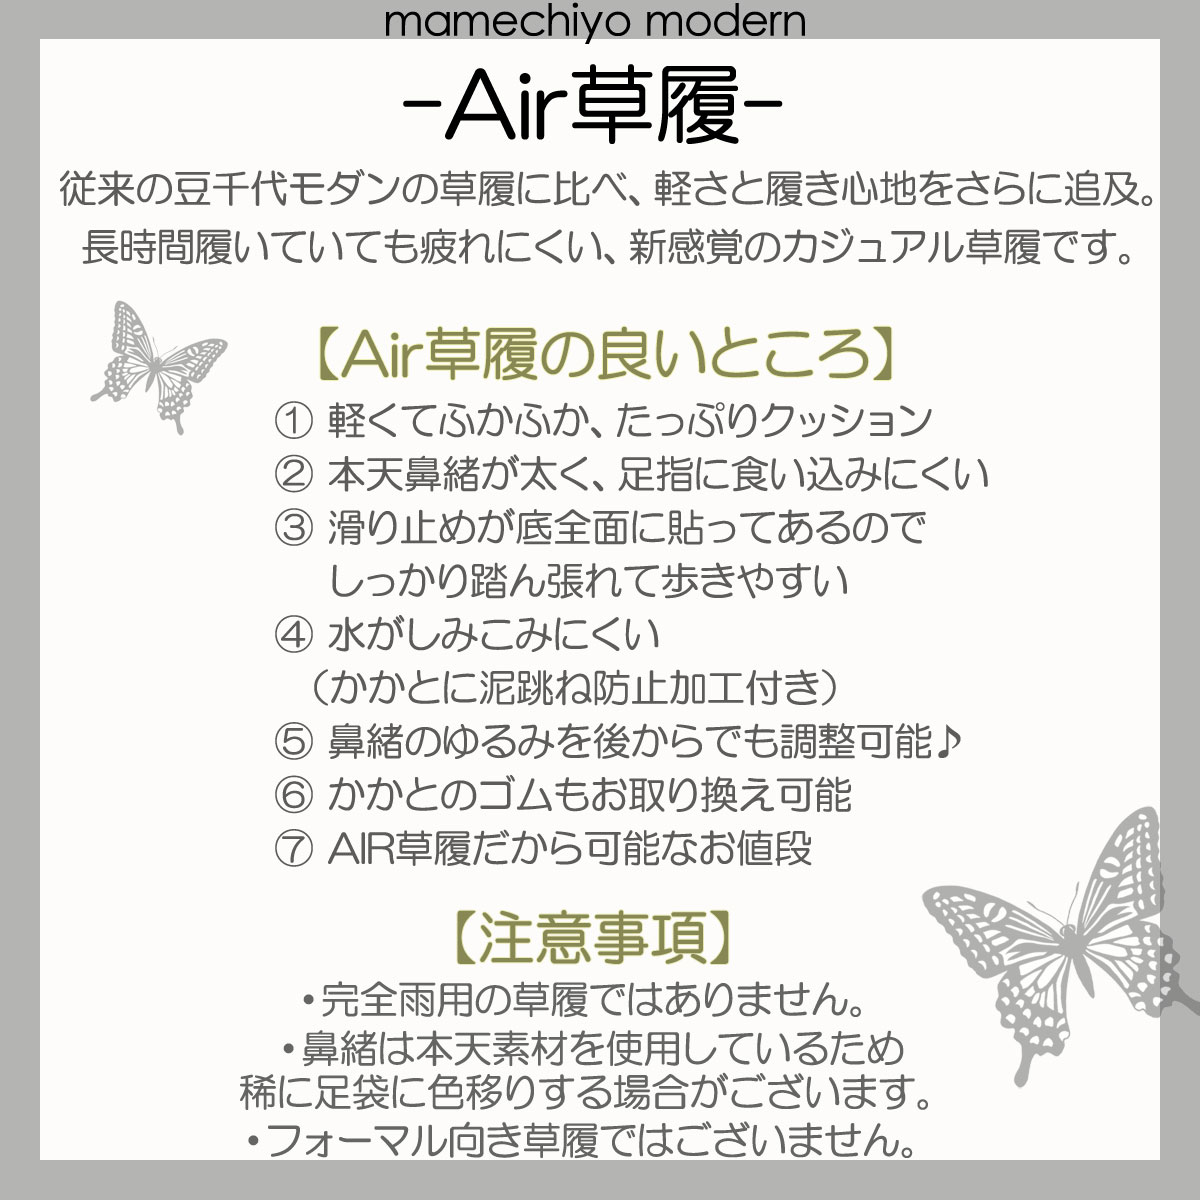 【受注品】AIR草履 レディ*バタフライ 白蝶×生成りつぼ(S・M・Lサイズ)